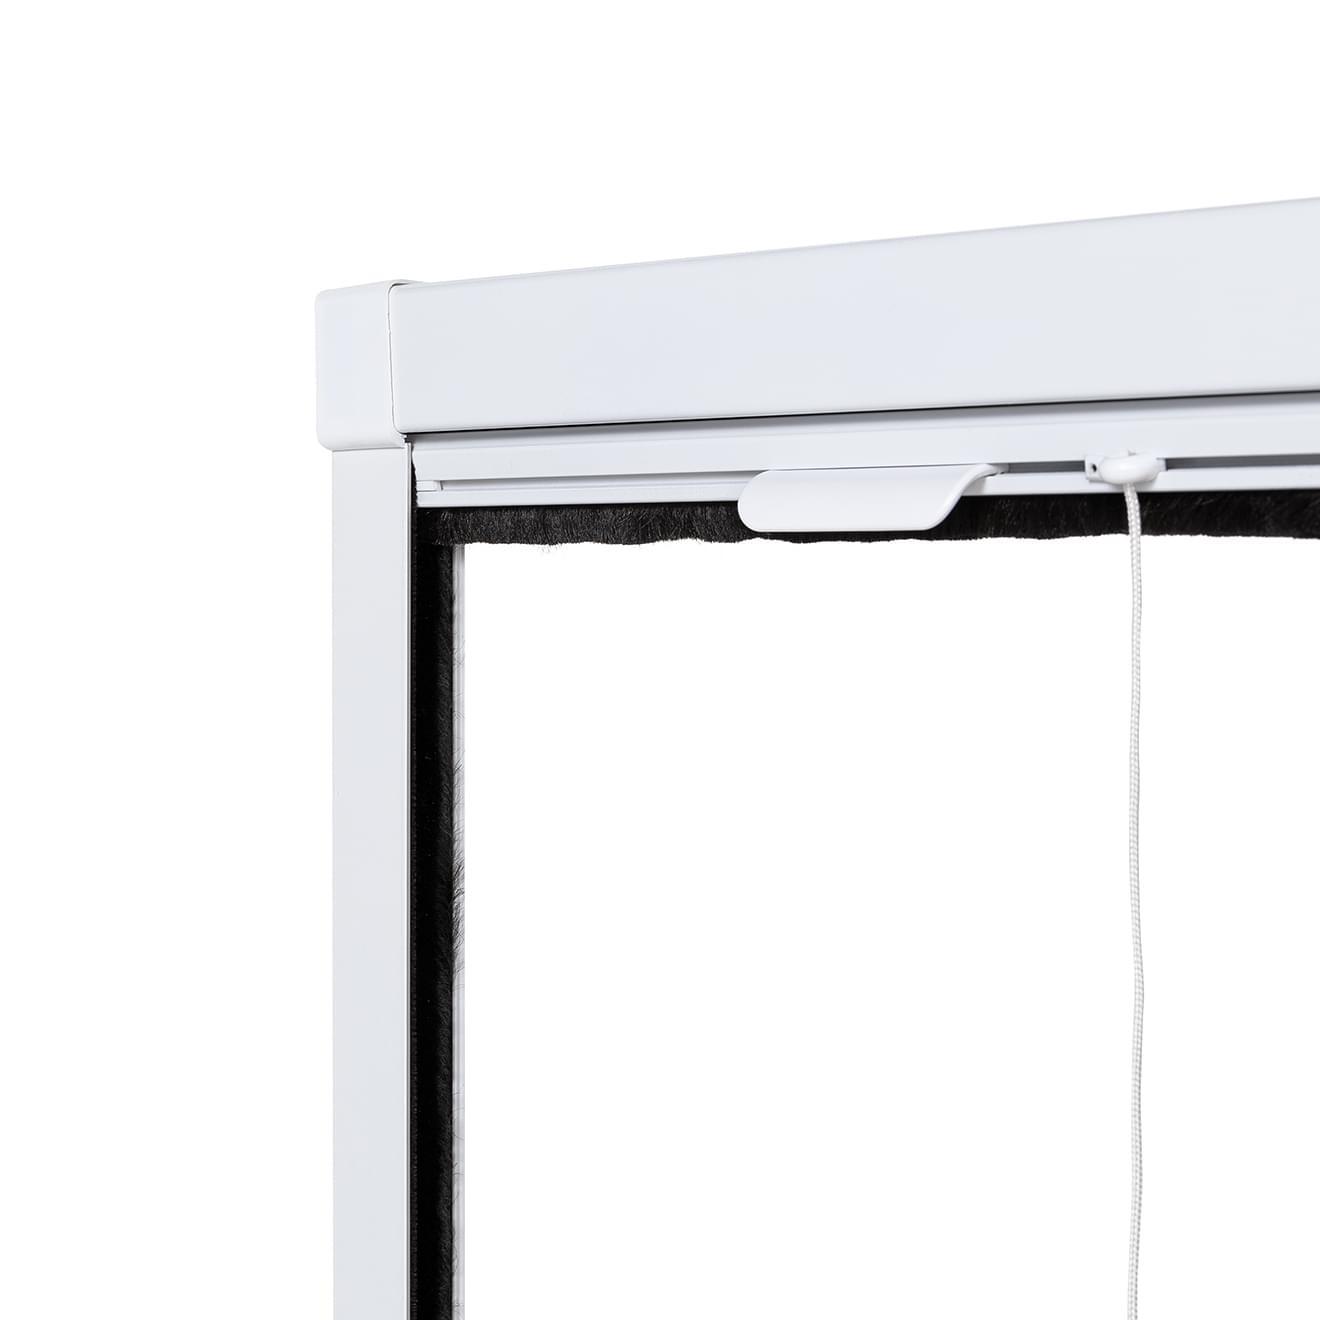 Full Size of Insektenschutzrollo Fenster Smart Einbauen Folien Für Flachdach Fliegengitter Konfigurieren Polnische Sichtschutz Internorm Preise Drutex Fliegennetz Fenster Insektenschutzrollo Fenster